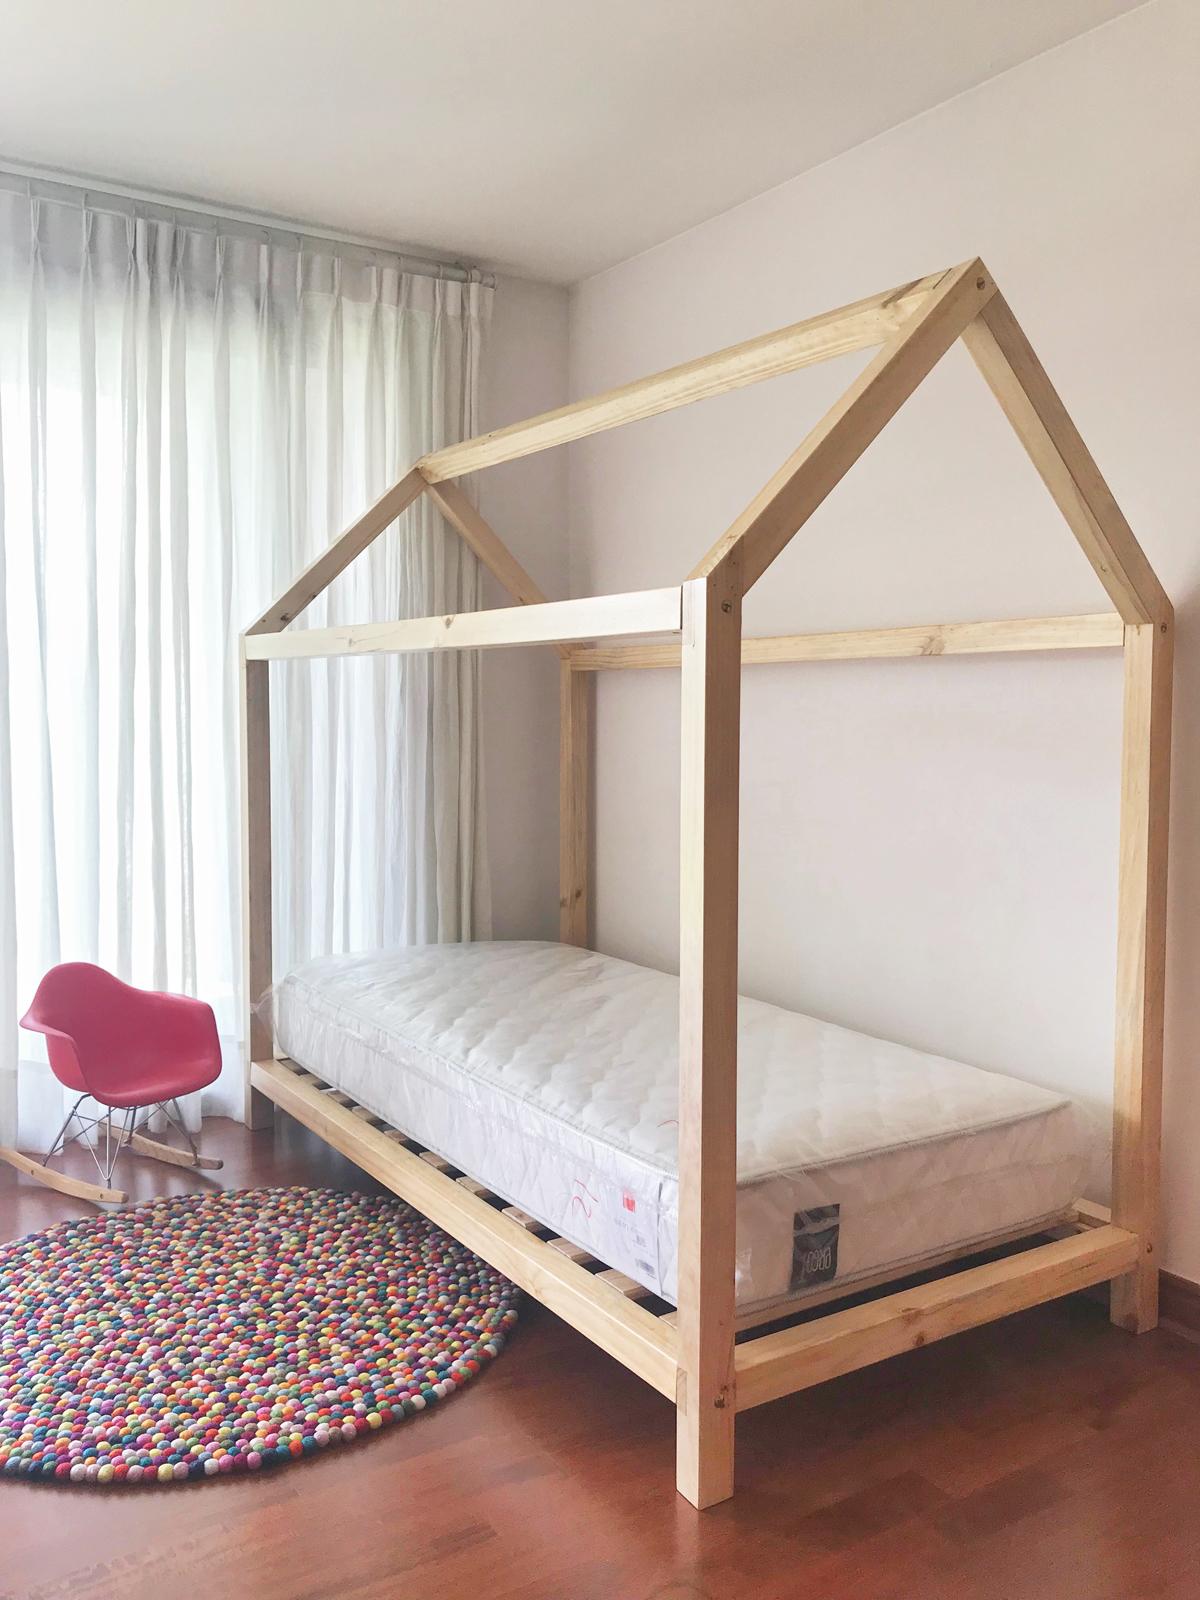 Dreamhouse diseño elevado